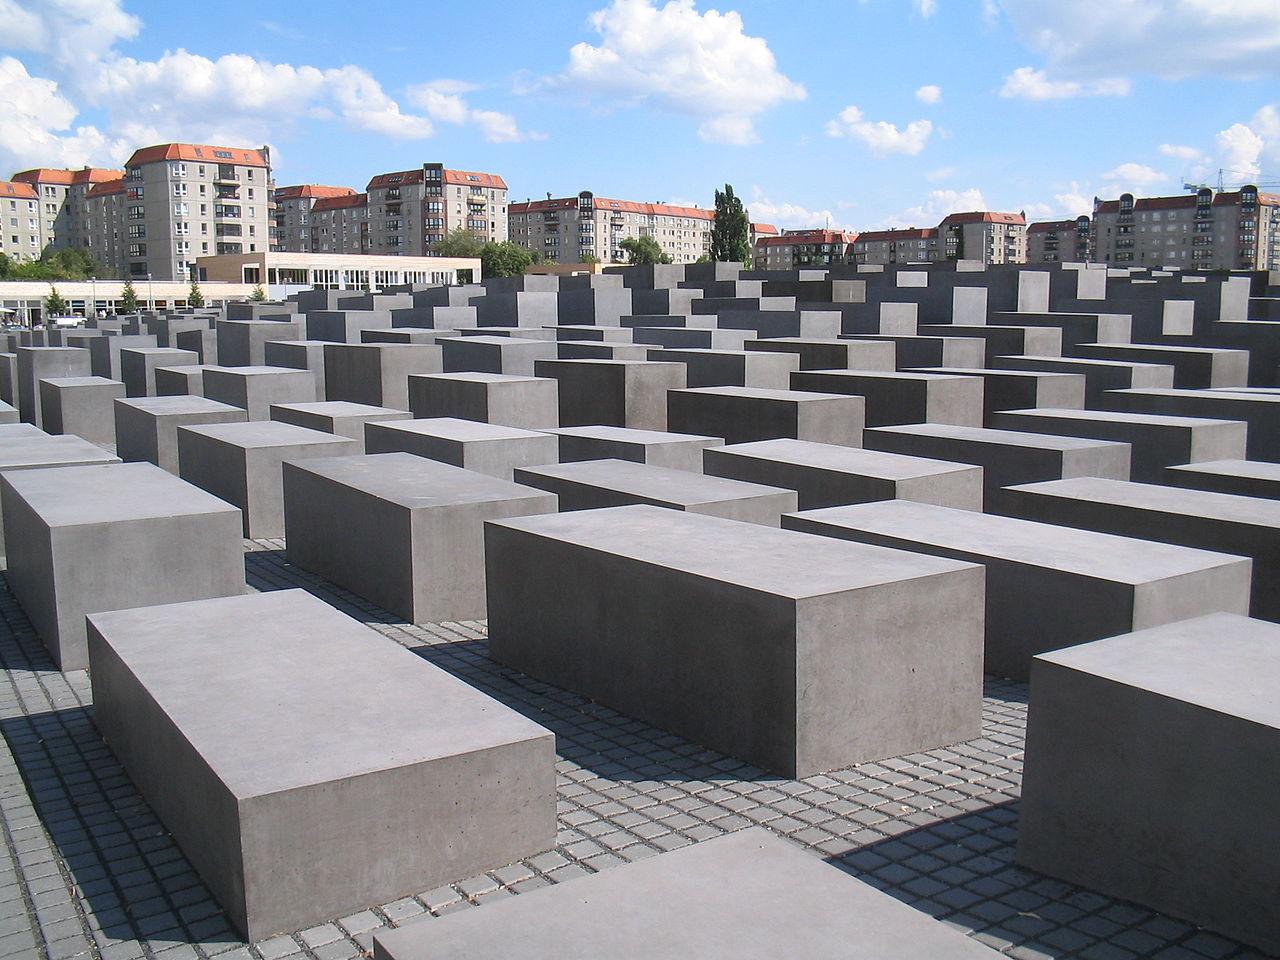 Как построить музей Холокоста: опыт Берлина, Иерусалима и Варшавы